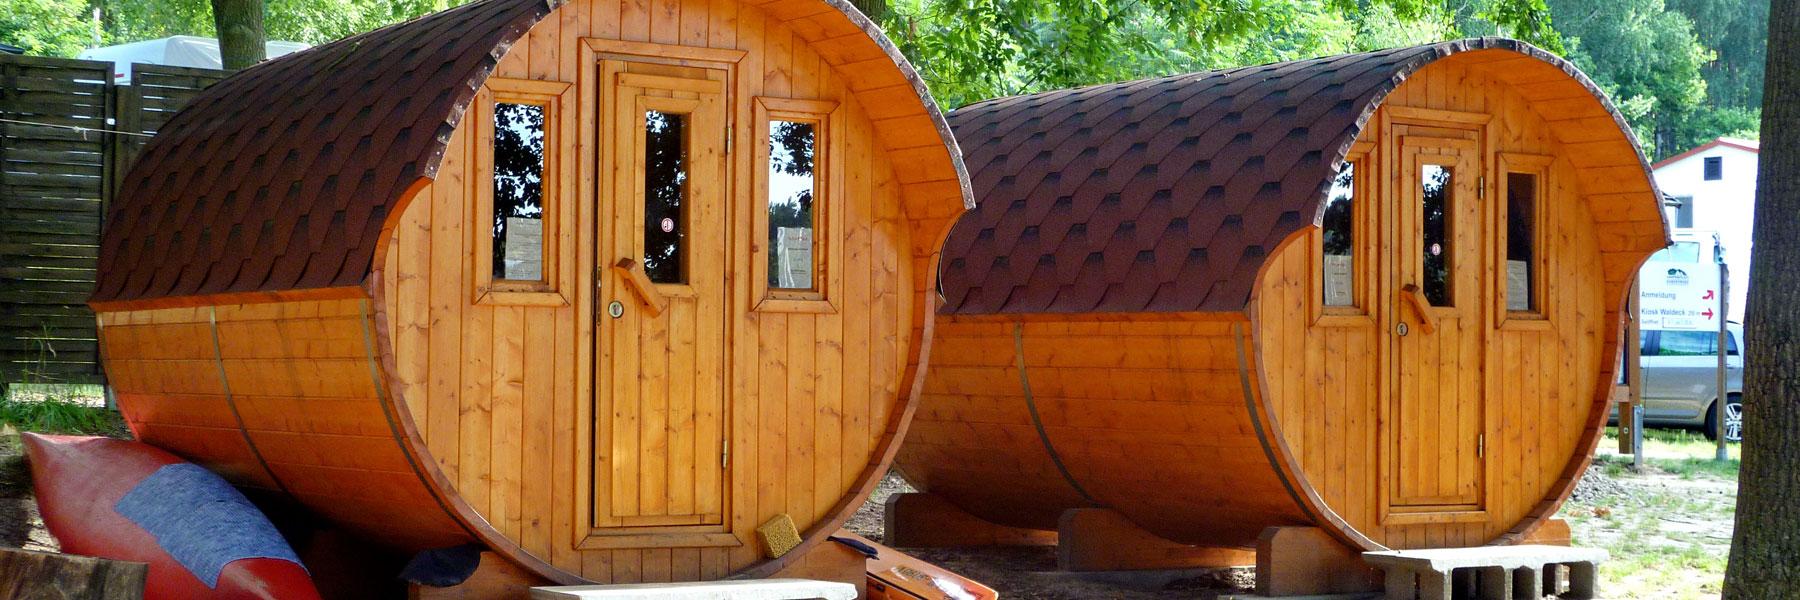 Schlaffässer - Campingplatz Am Gobenowsee